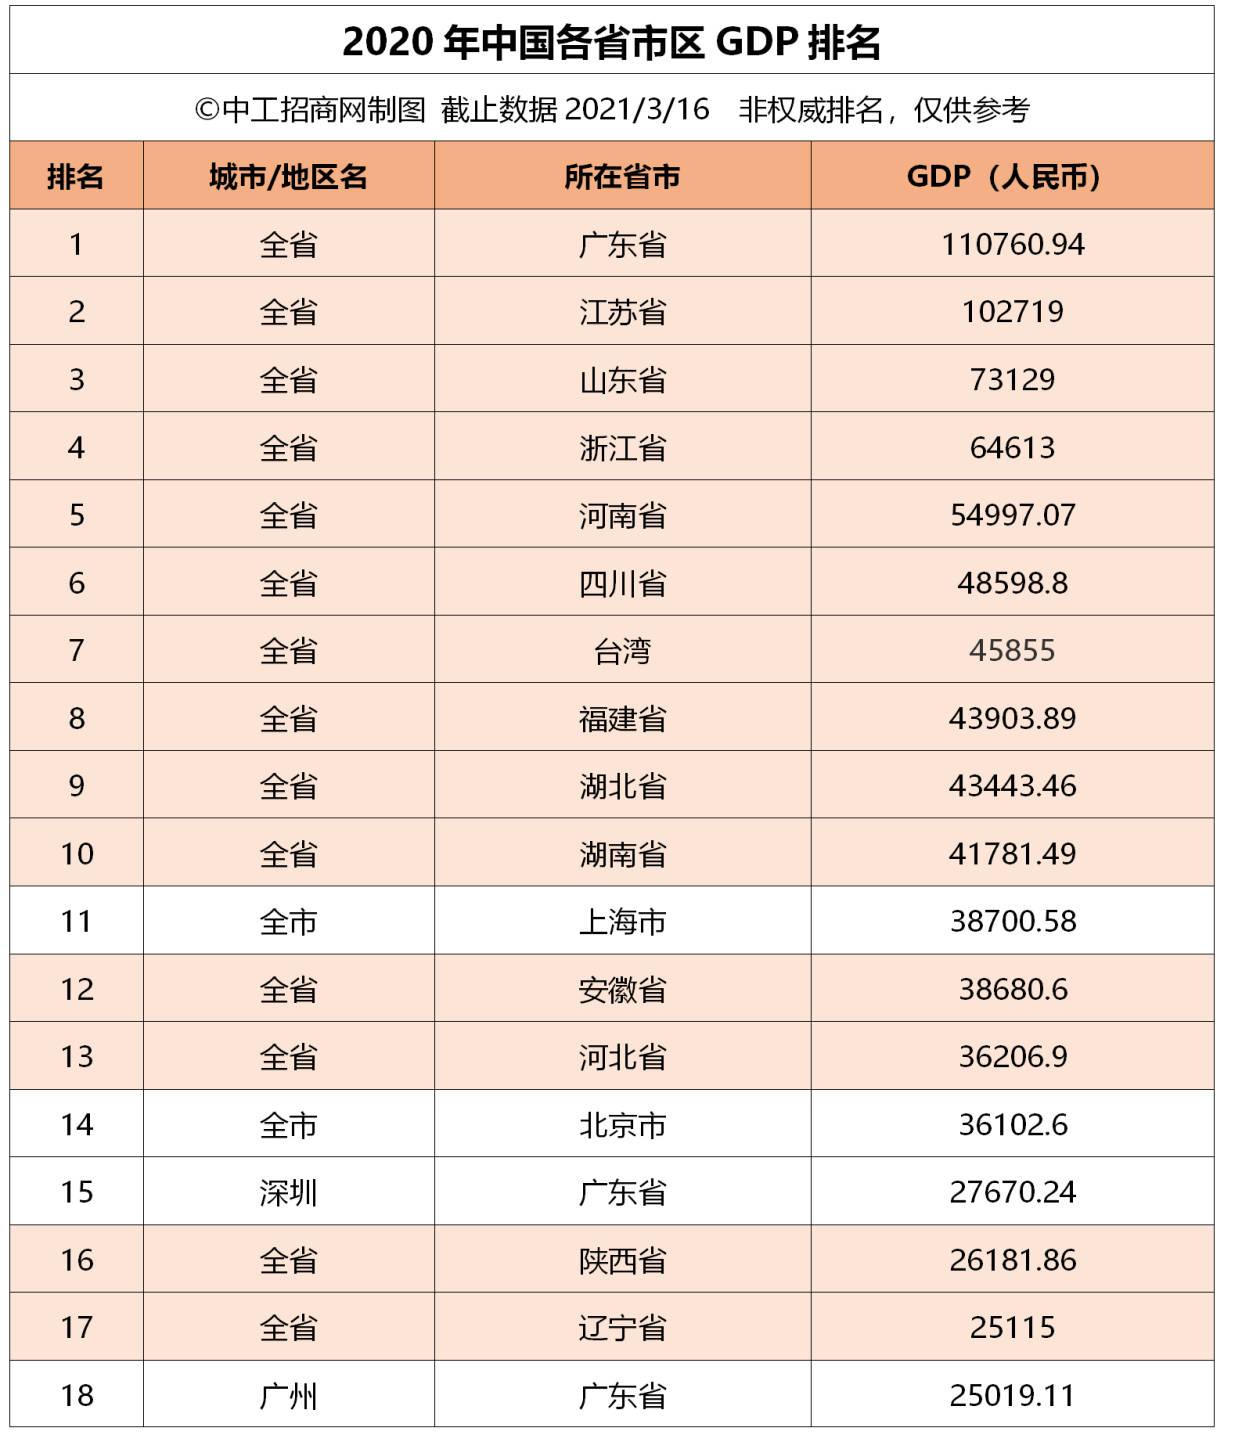 广东省2020gdp排行_gdp gdp最新消息,新闻,图片,视频 聚合阅读 新浪网